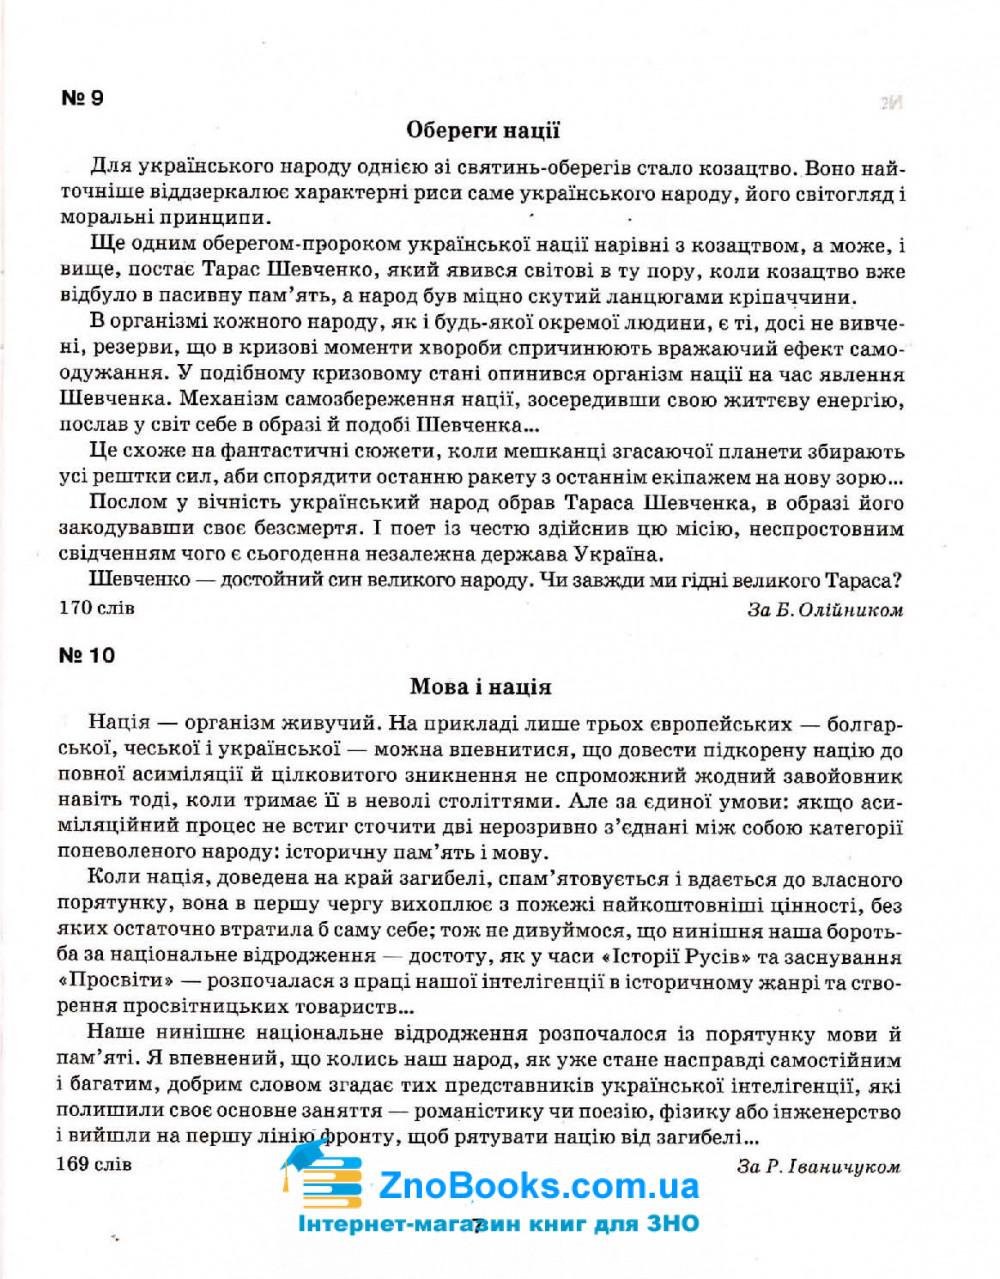 ДПА 2020 Українська мова (Єременко) 9 клас. Збірник диктантів для ДПА. Освіта купити 8